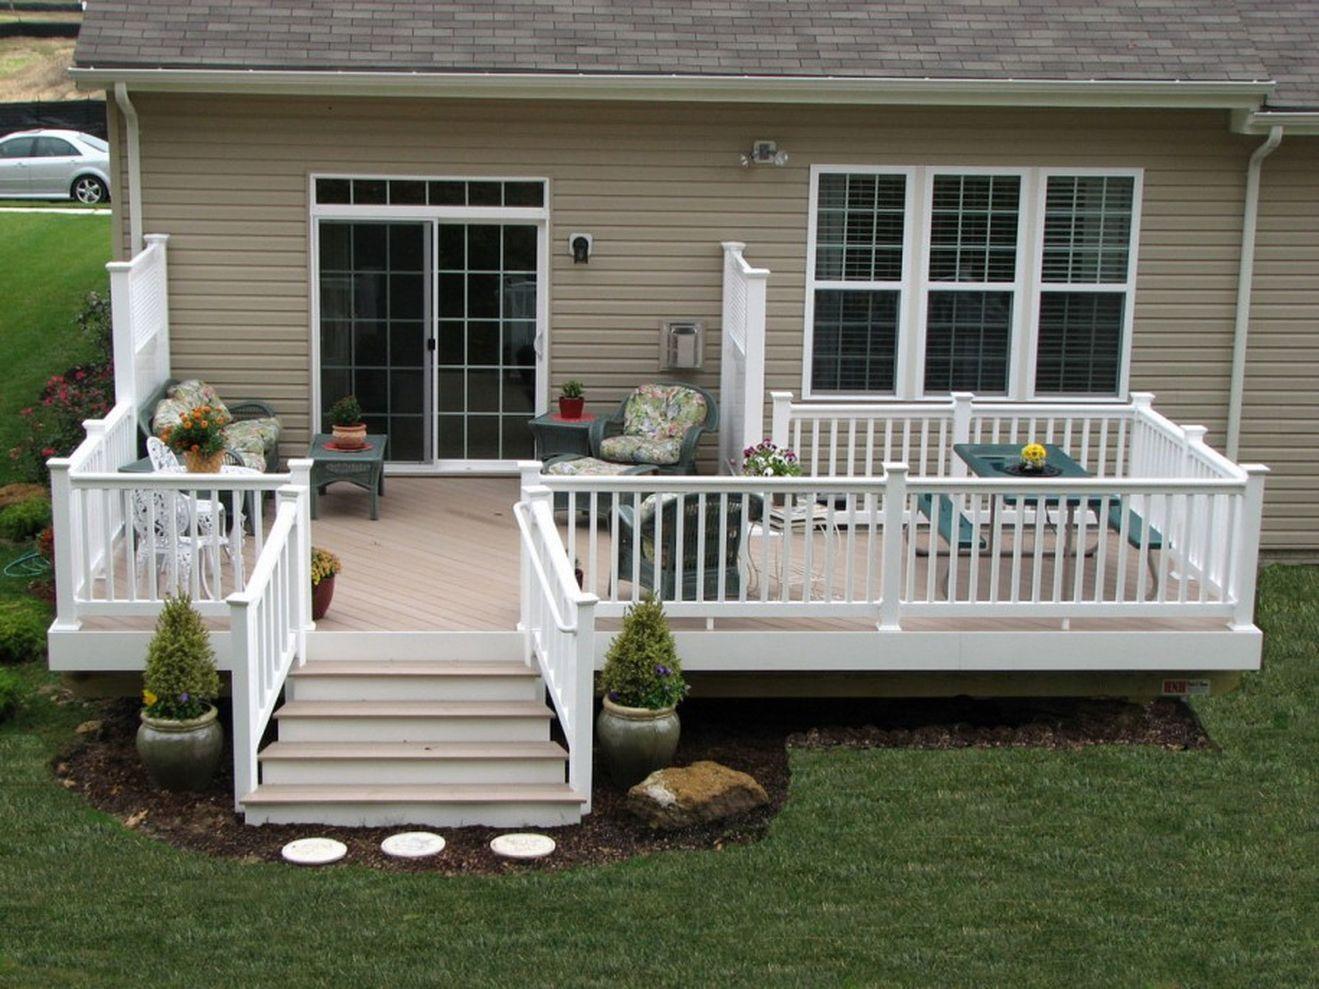 Creative front porch garden design ideas 31